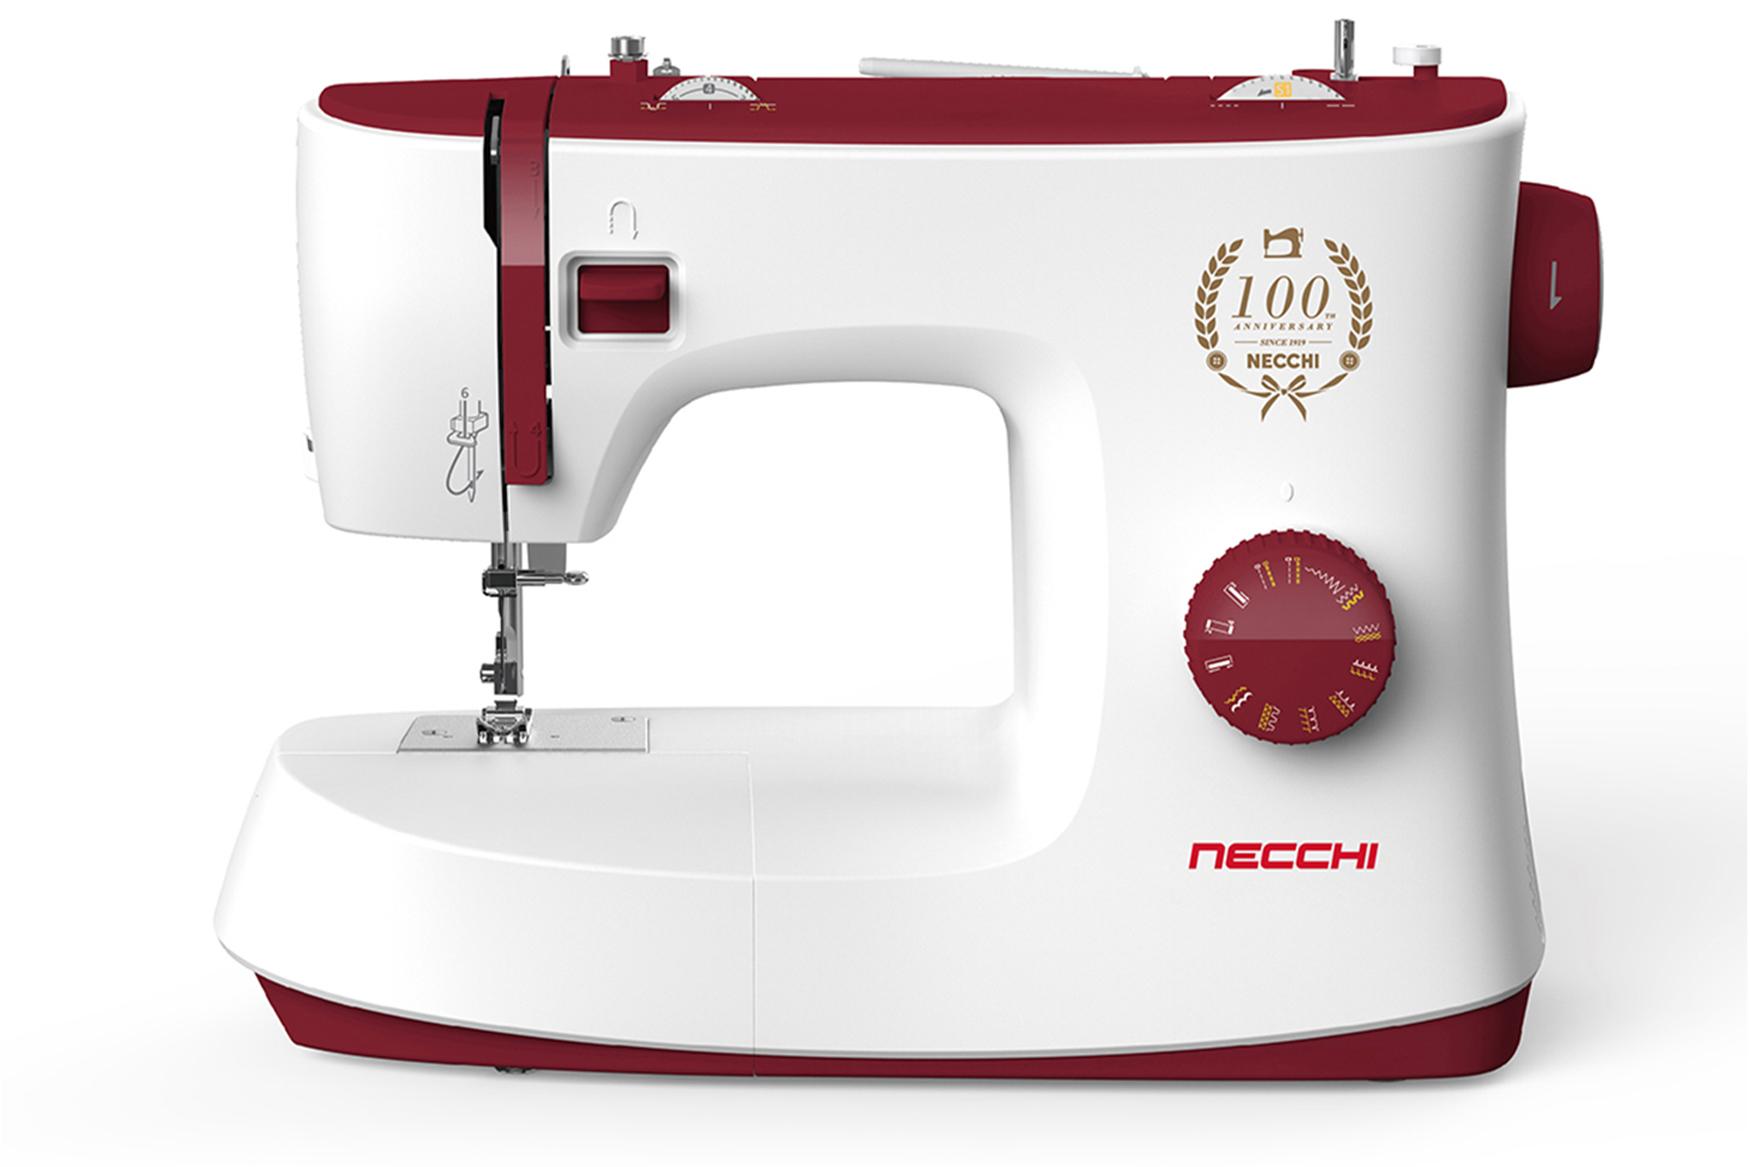 Necchi-K417A